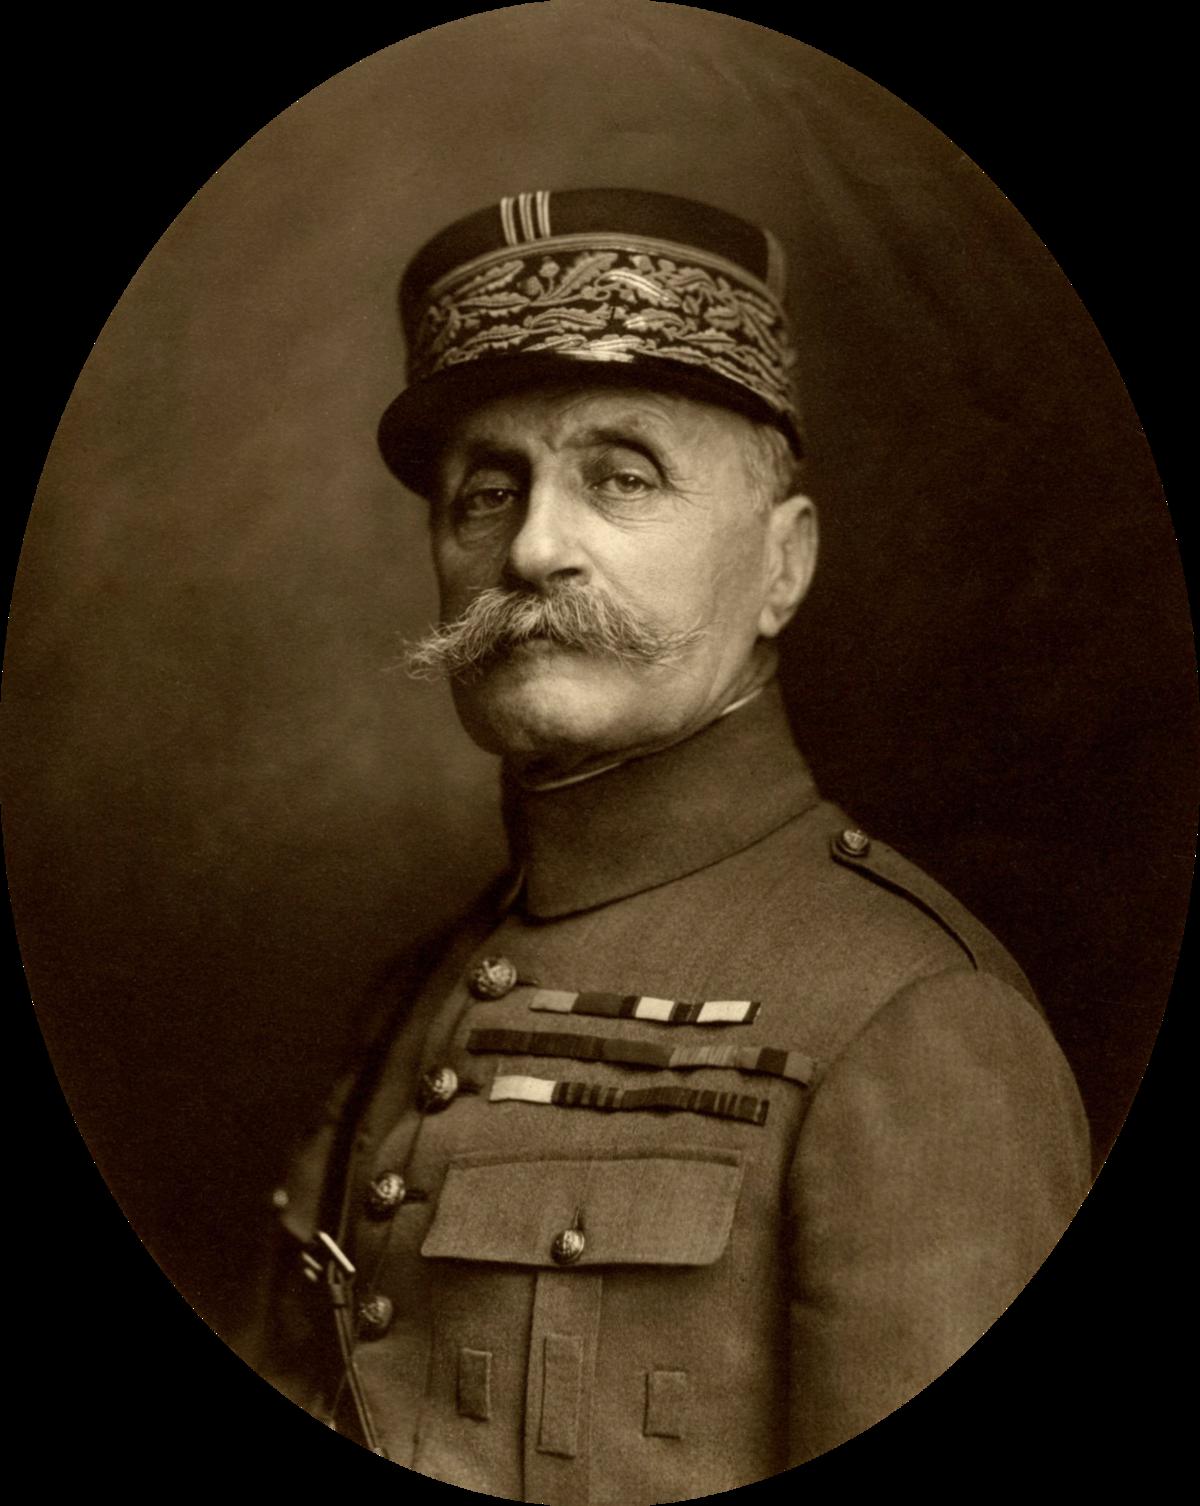 Ferdinand Foch Wikipedia 1911schematicsandpartslists Please Download Free Gun Manual Here